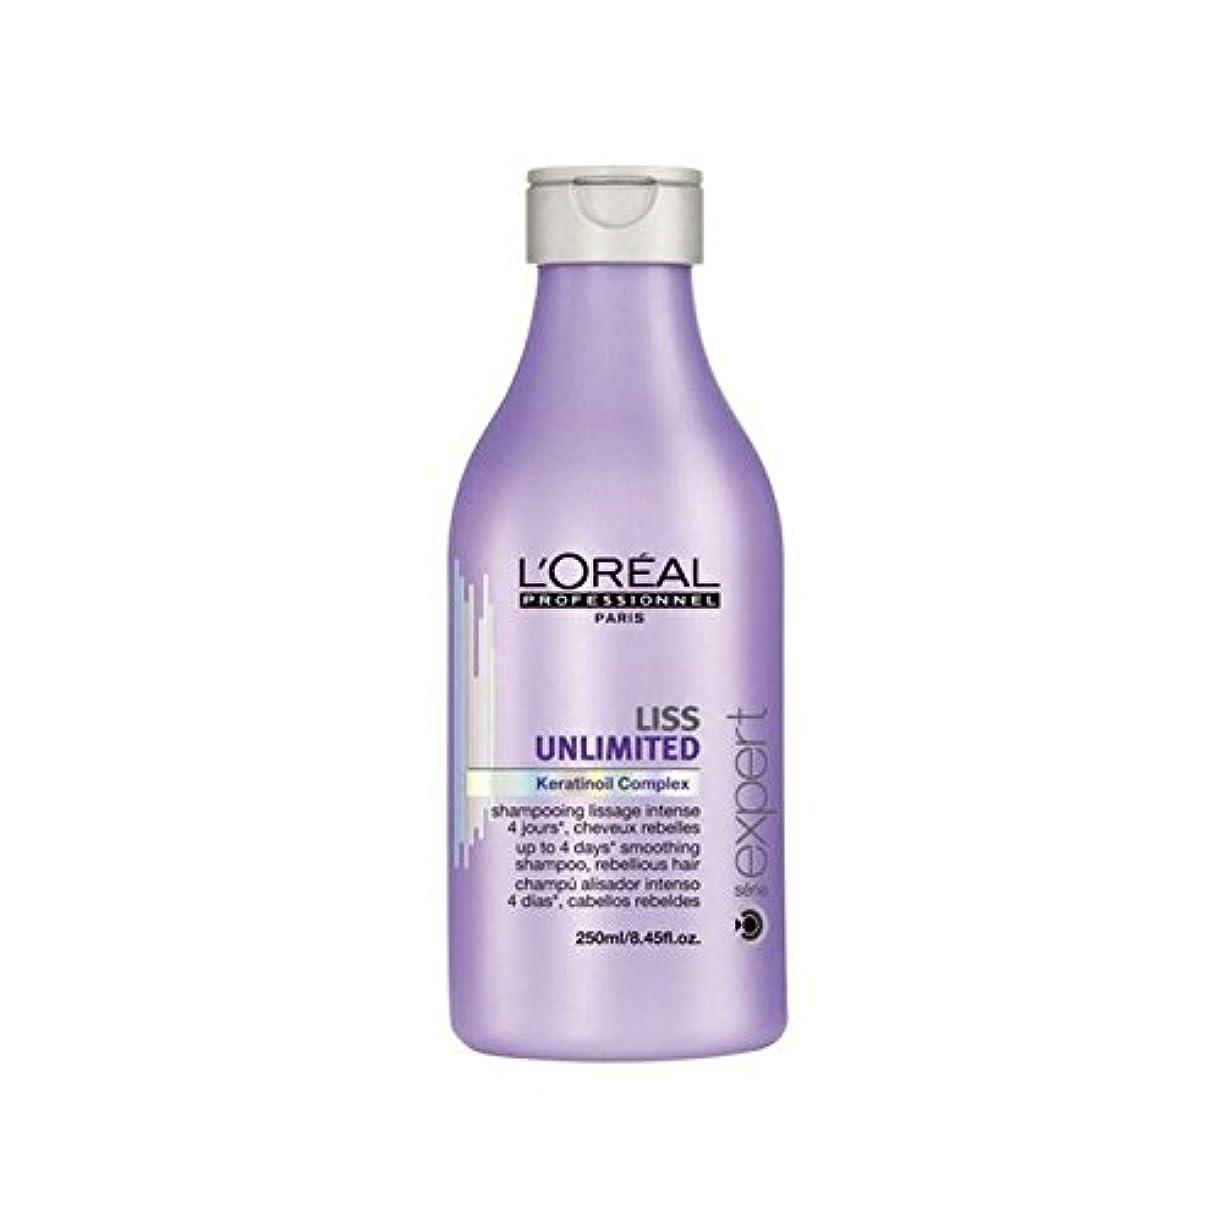 検証哲学故国L'Oreal Professionnel Serie Expert Liss Unlimited Shampoo (250ml) (Pack of 6) - ロレアルプロフェッショナルセリエ専門家無制限のシャンプー(250ミリリットル) x6 [並行輸入品]